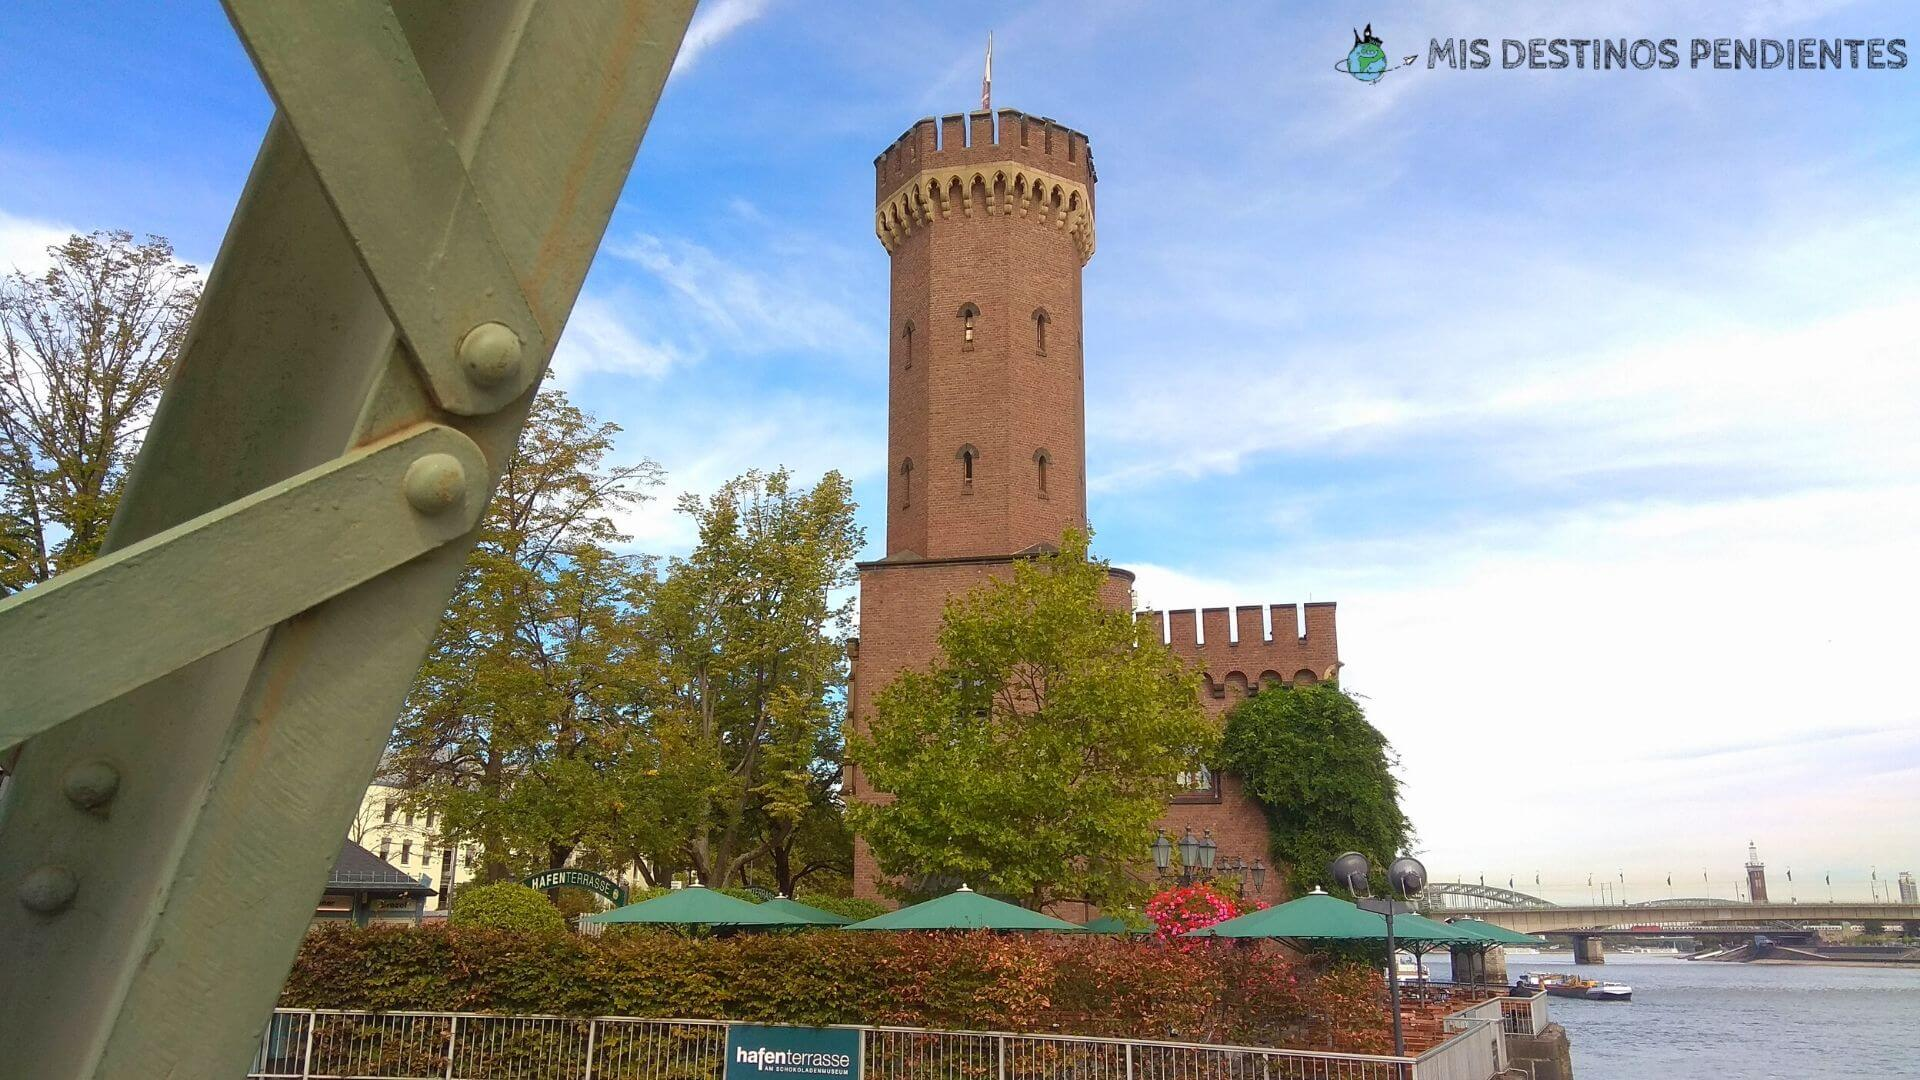 Malakoffturm y Drehbrücke (Colonia, Alemania)